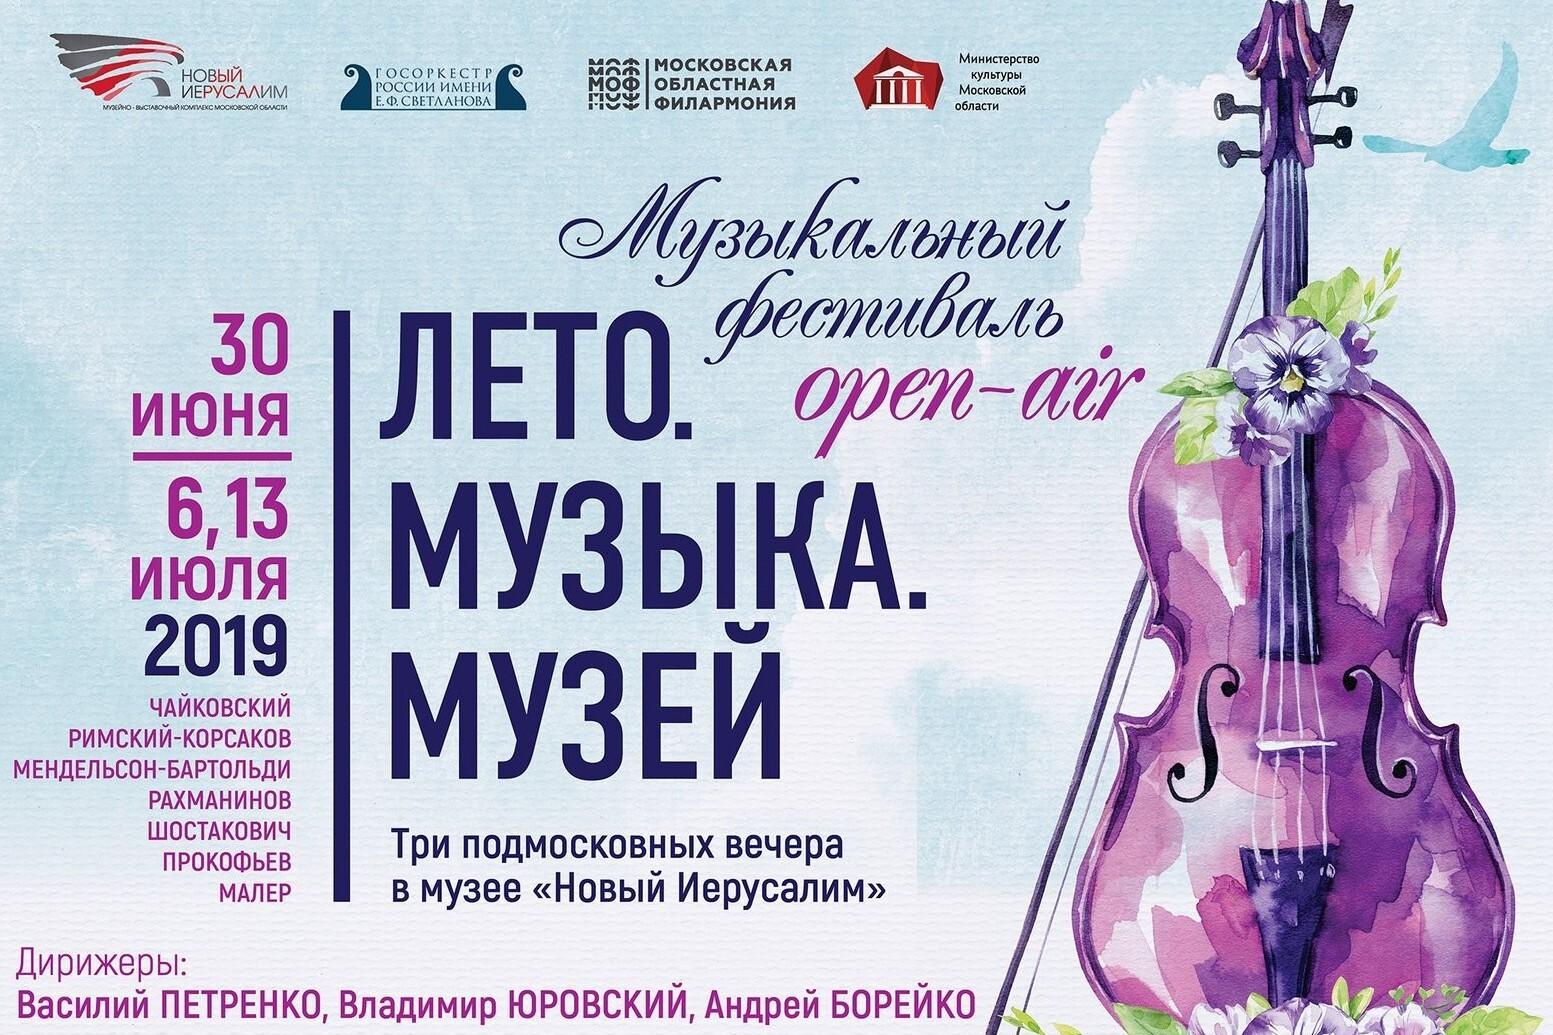 Музыкальный open-air фестиваль «Лето. Музыка. Музей». День 3